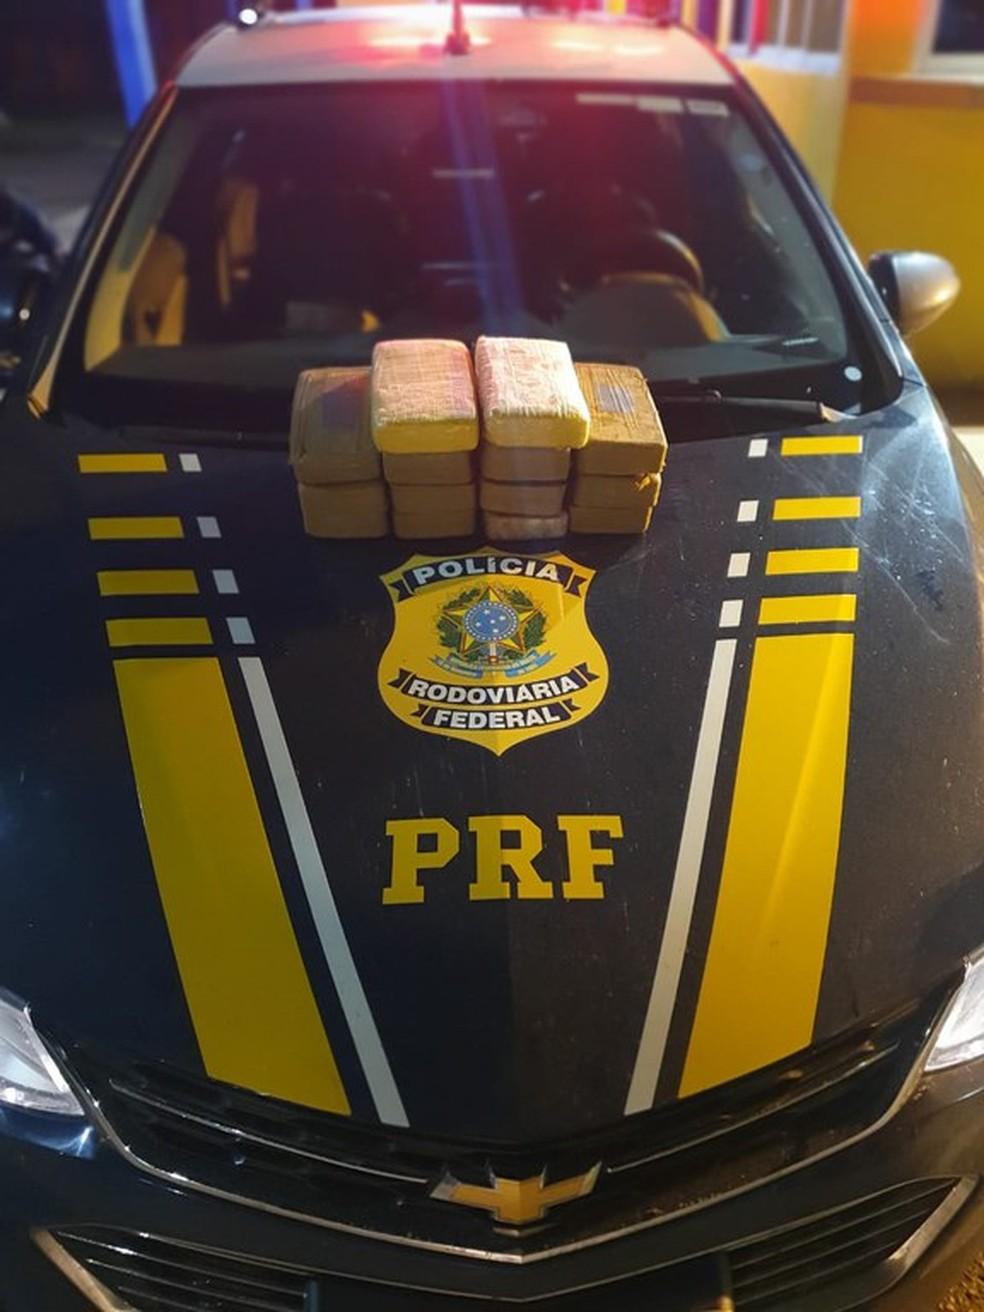 Passageira é presa com cocaína escondida em caixa térmica com pequis congelados em Mato Grosso — Foto: Polícia Rodoviária Federal